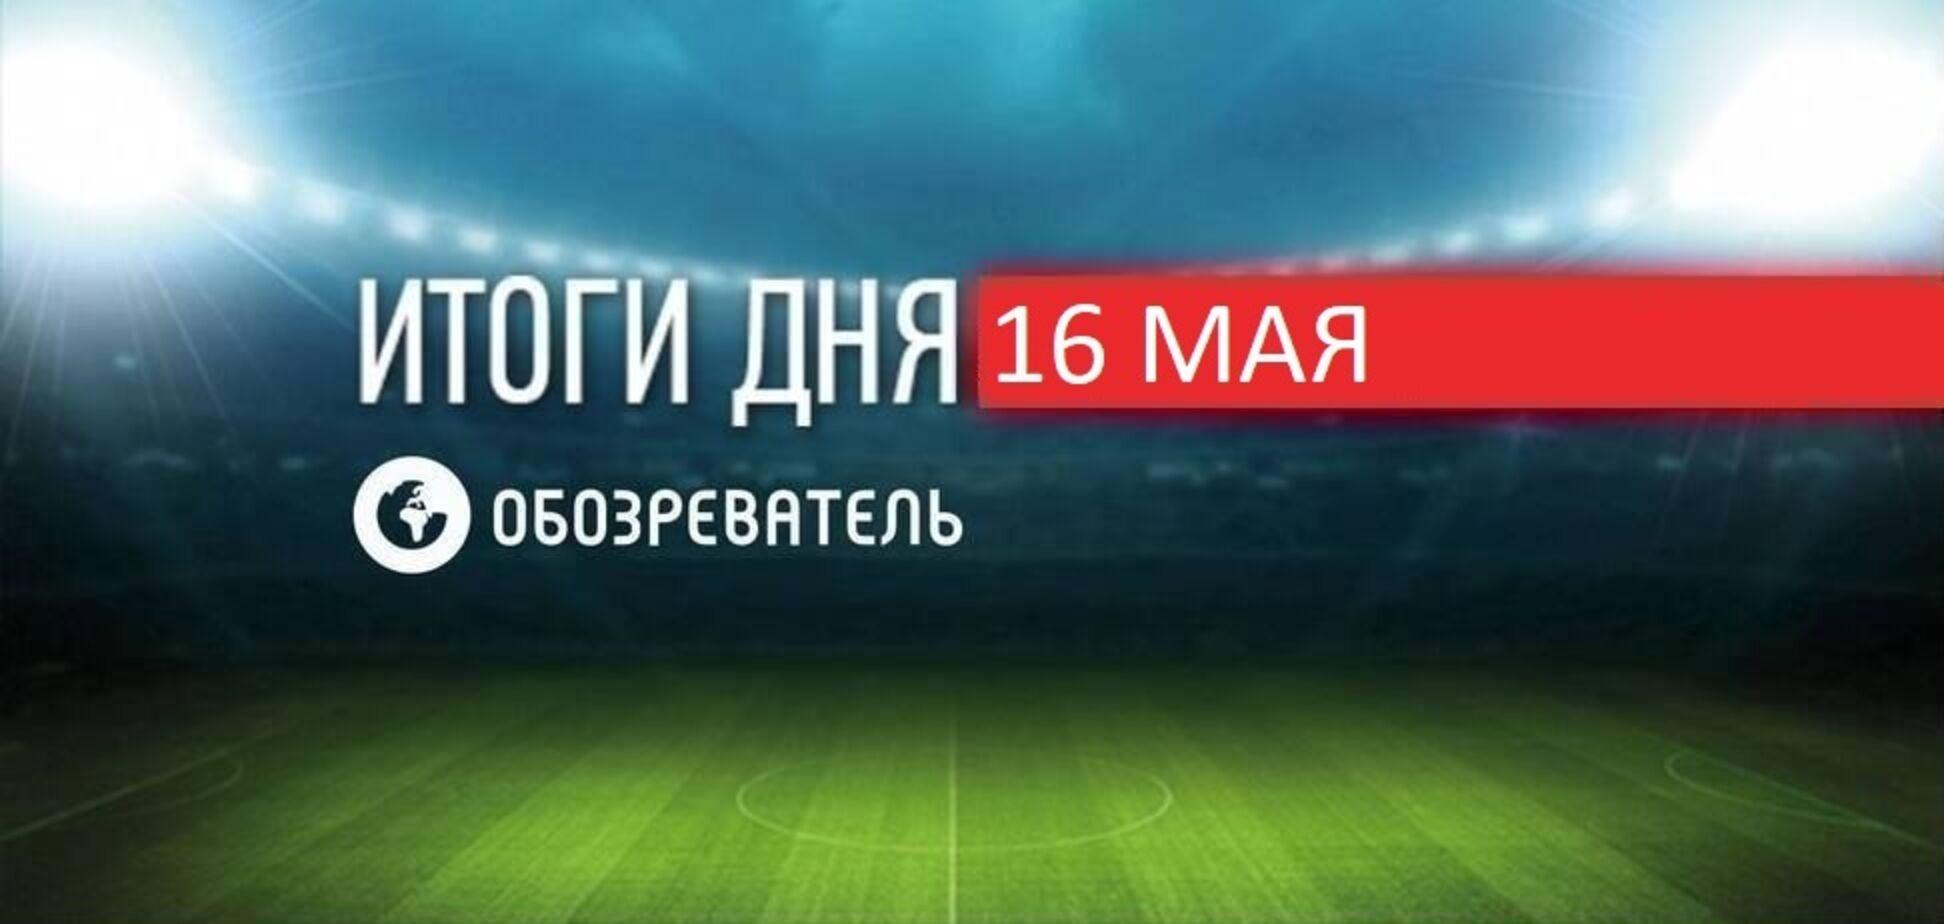 Новости спорта 16 мая: Фьюри объявил о бое с Джошуа, украинец выиграл бой в первом раунде